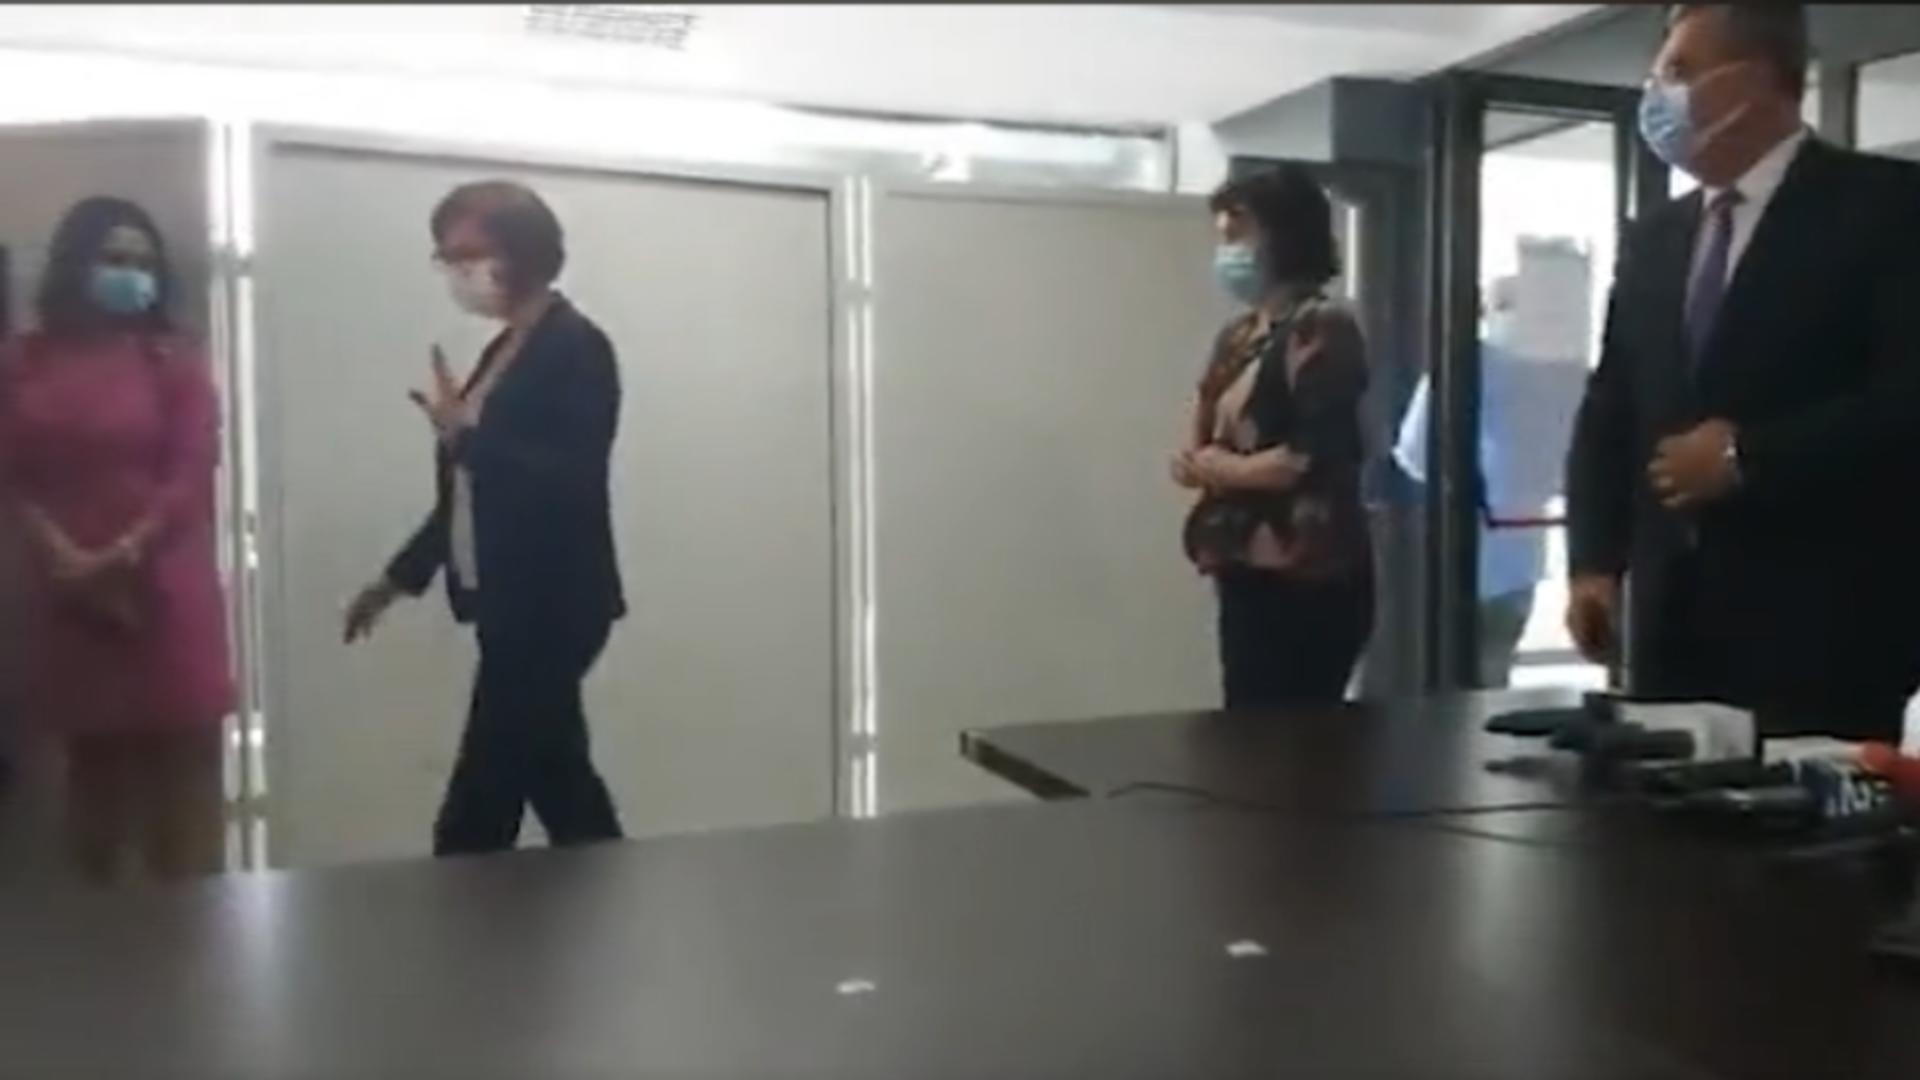 Ioana Mihăilă pleacă de la conferință. Foto: captură Facebook